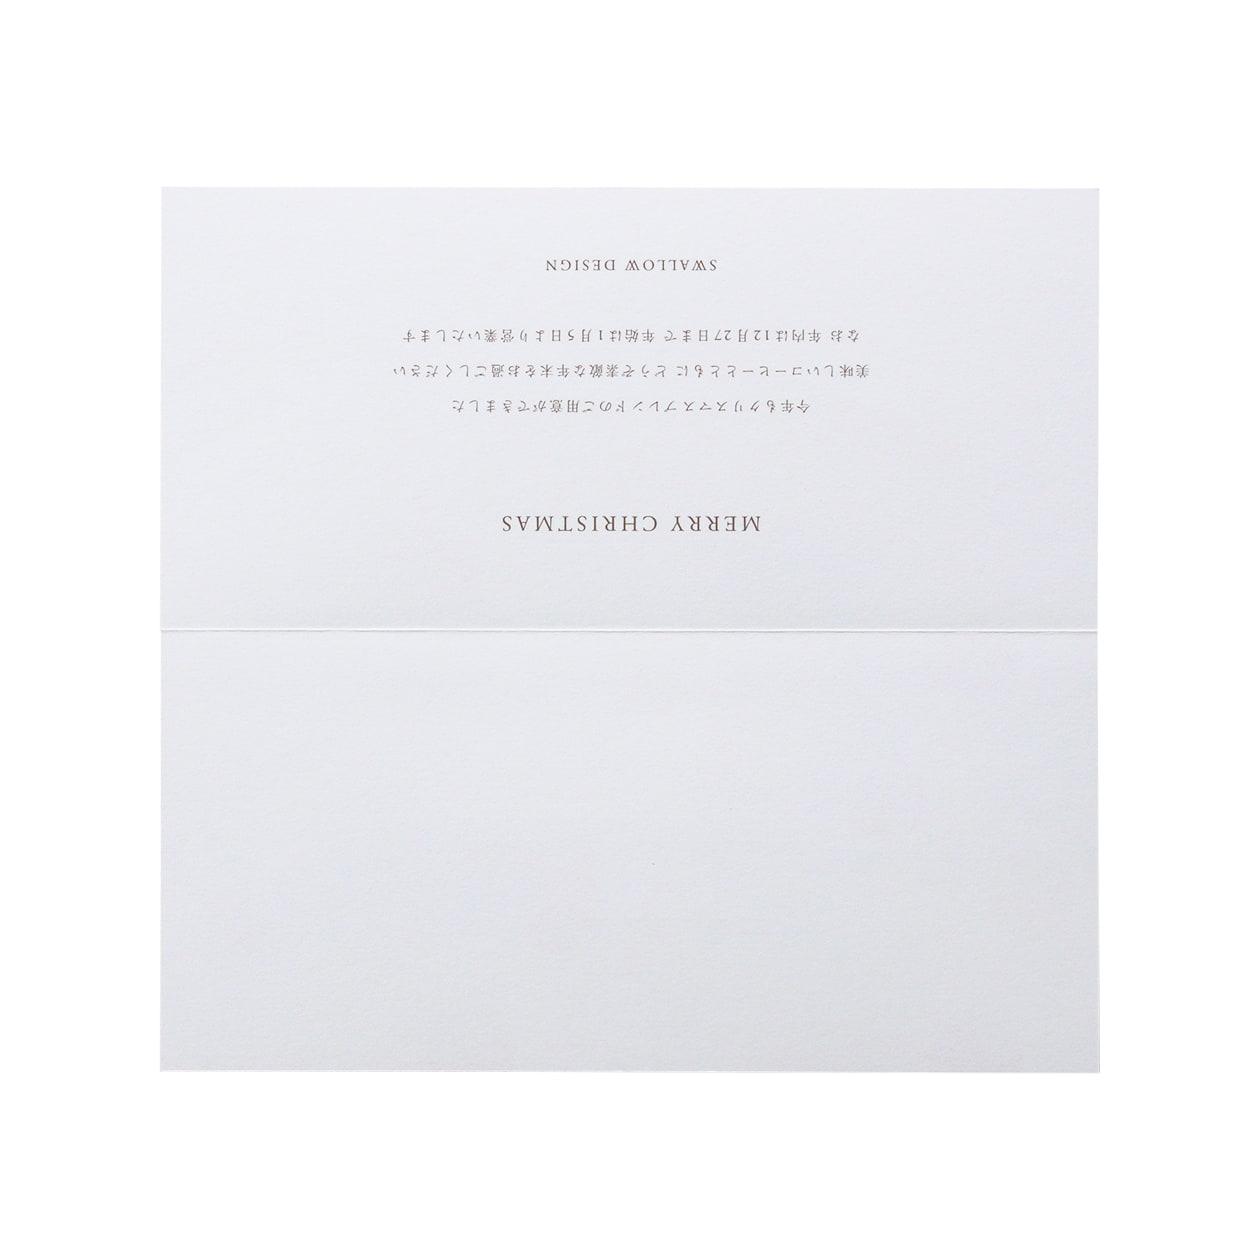 サンプル カード・シート 00261